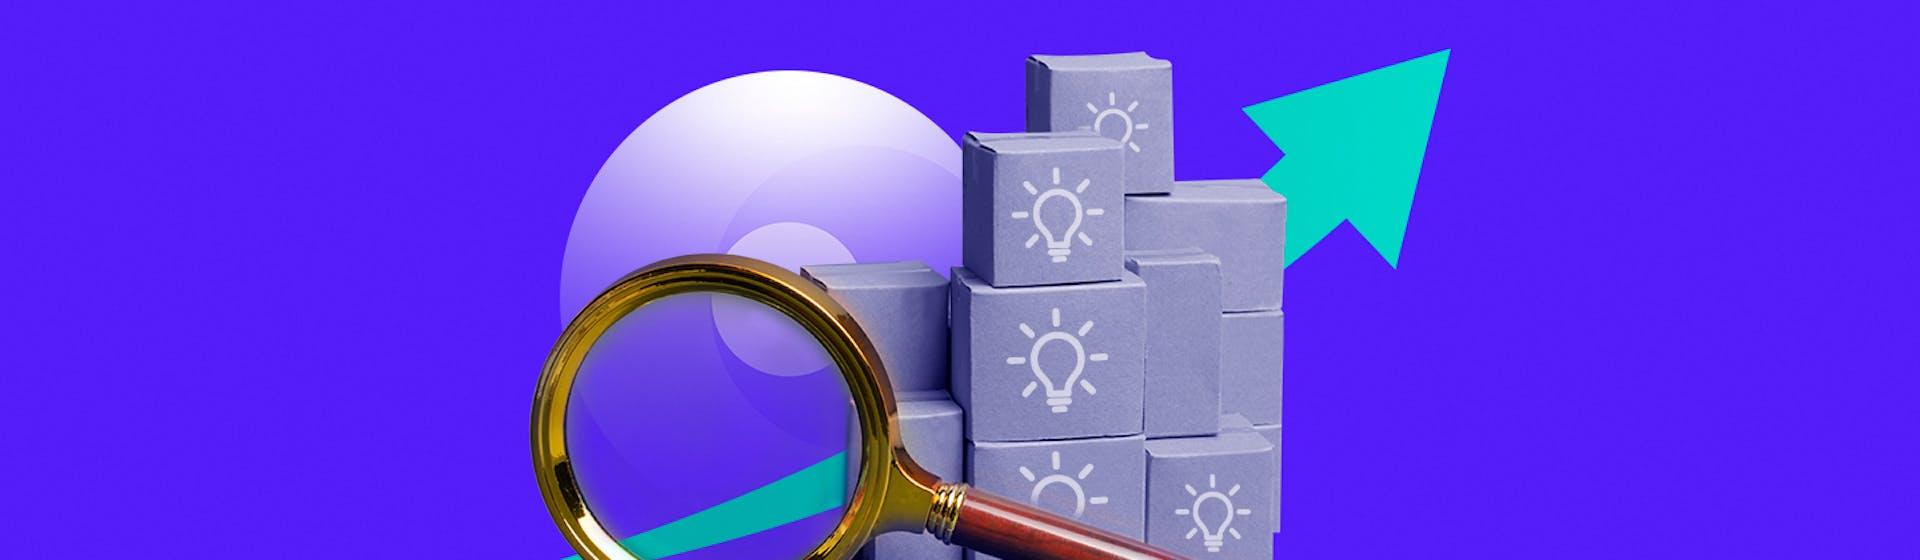 Product Management: ¿Qué debes saber sobre la gestión de productos?